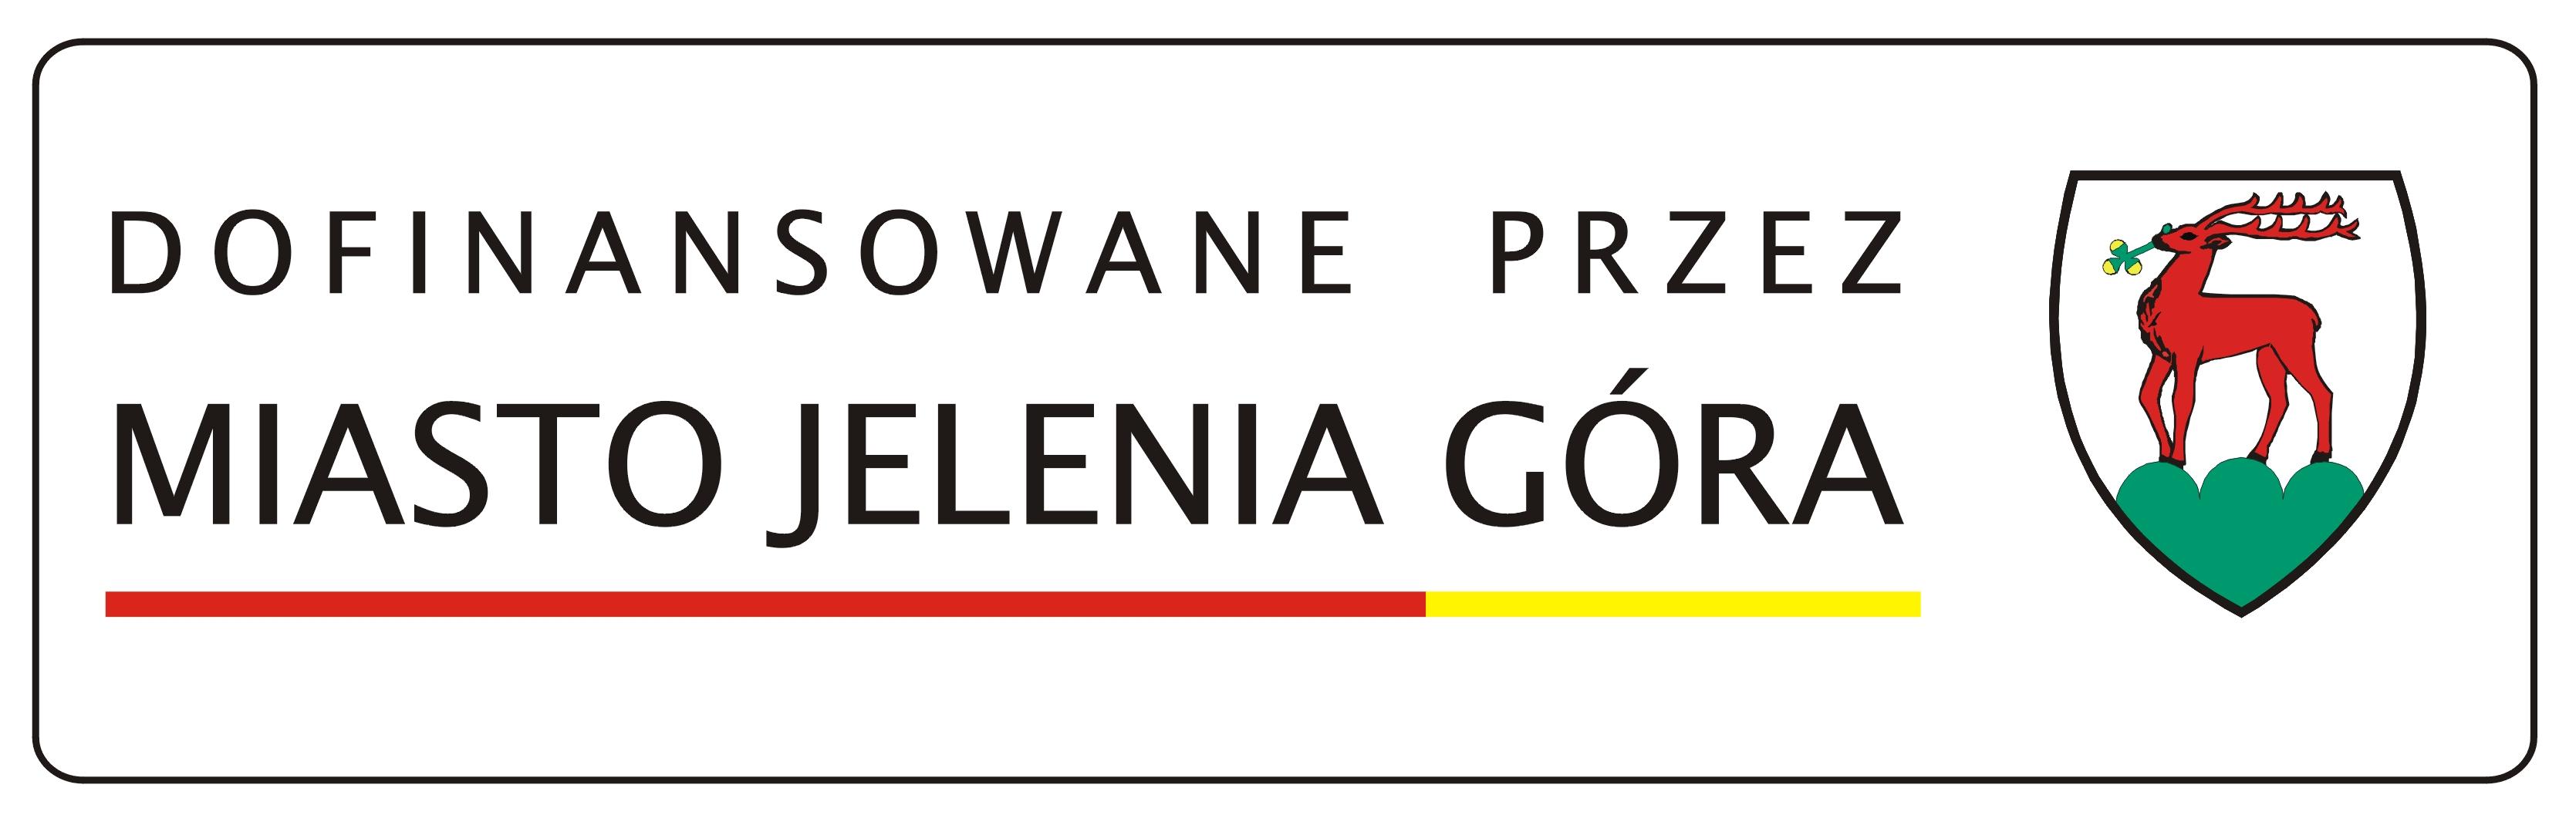 logo_dofinansowane_jelenia_gora